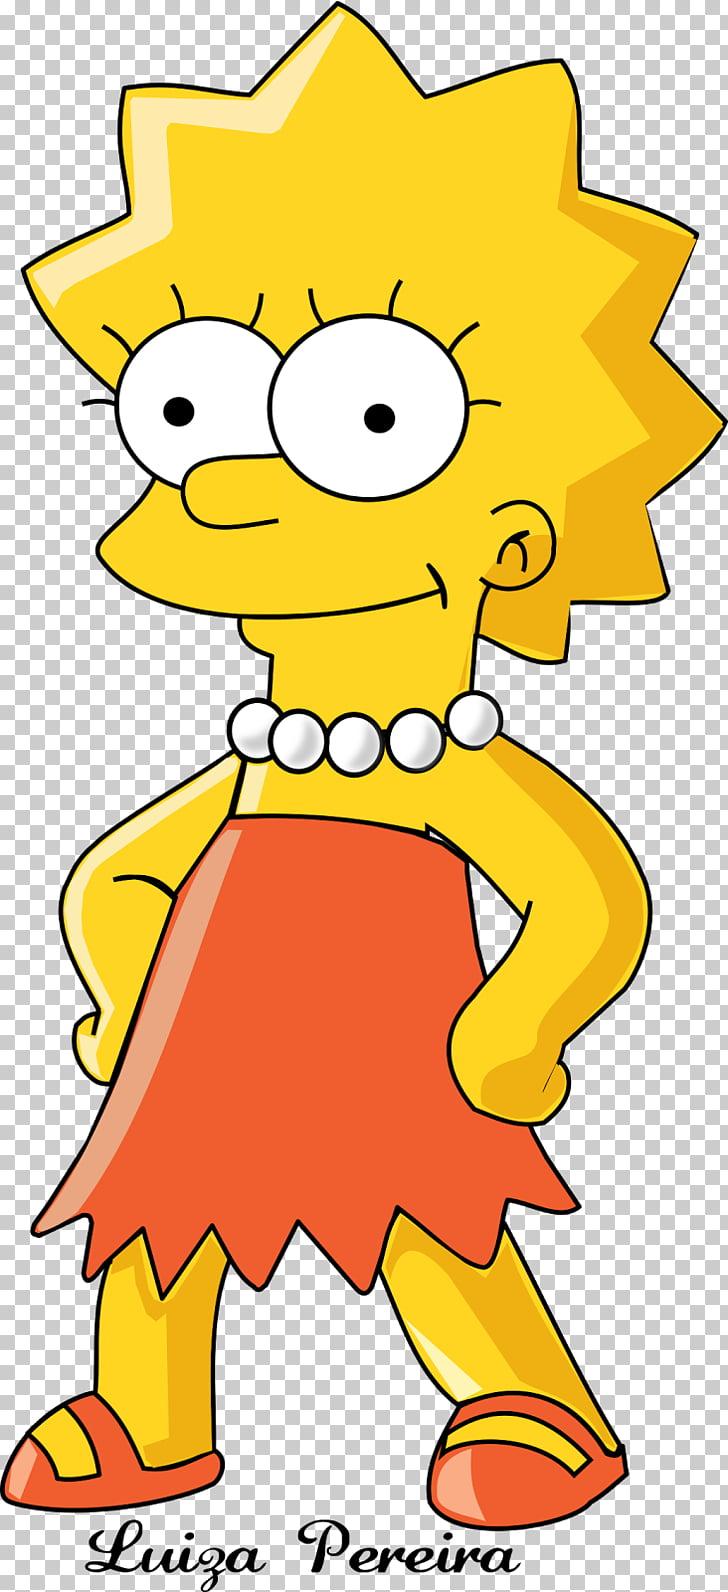 Lisa Simpson Bart Simpson Marge Simpson Maggie Simpson The.